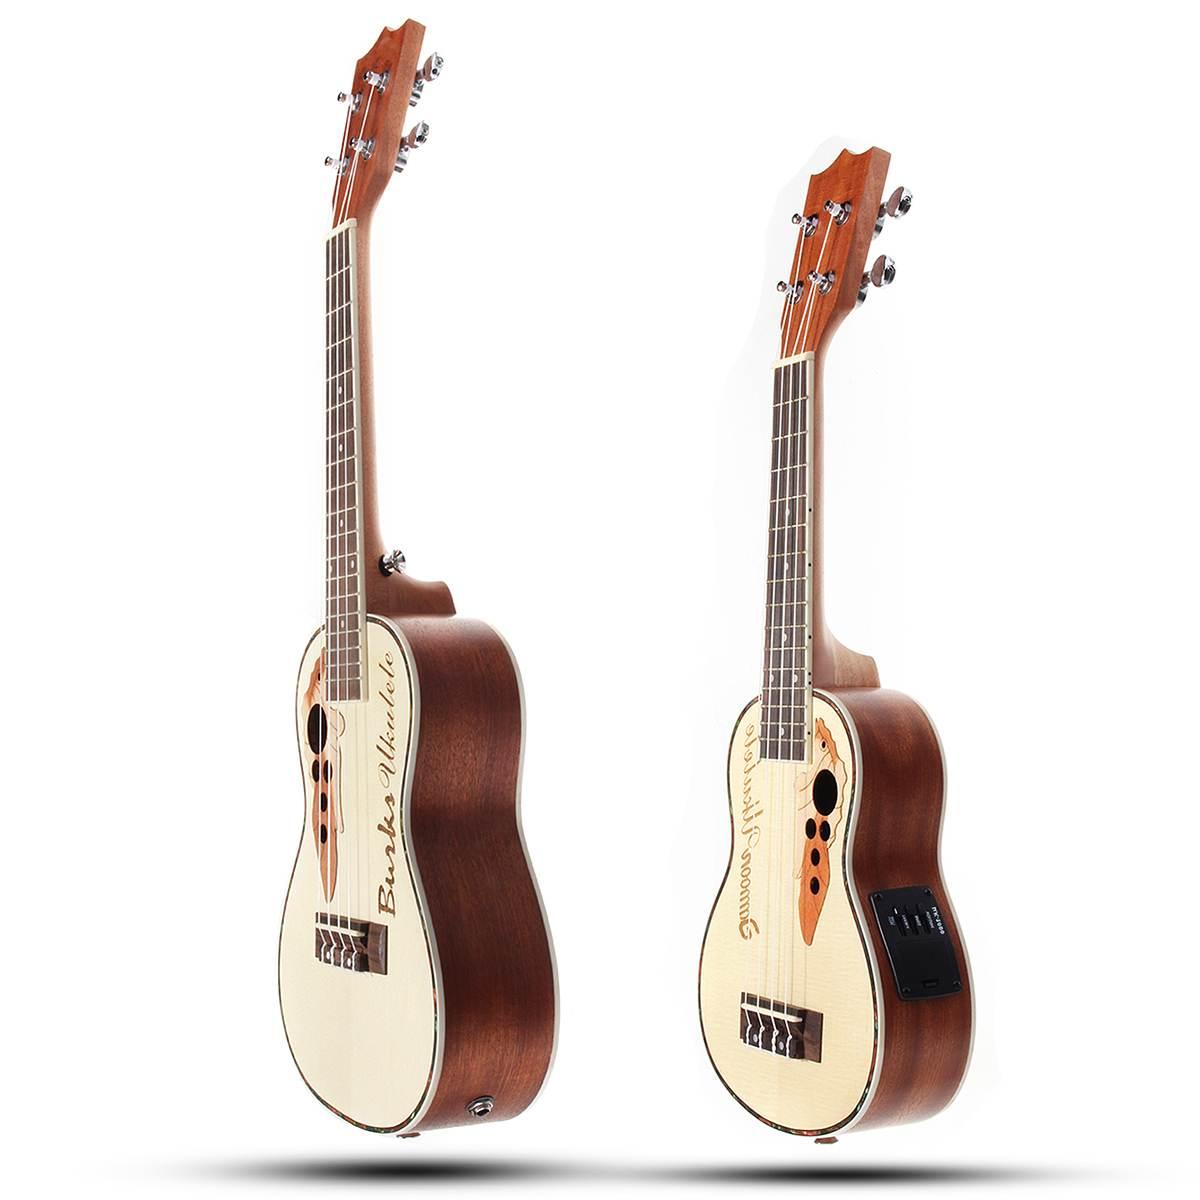 21 23 pouces 4 cordes Concert ukulélé électrique acoustique ukulélé Hawaii guitare épicéa Portable Mini guitare Instrumentos Musicais